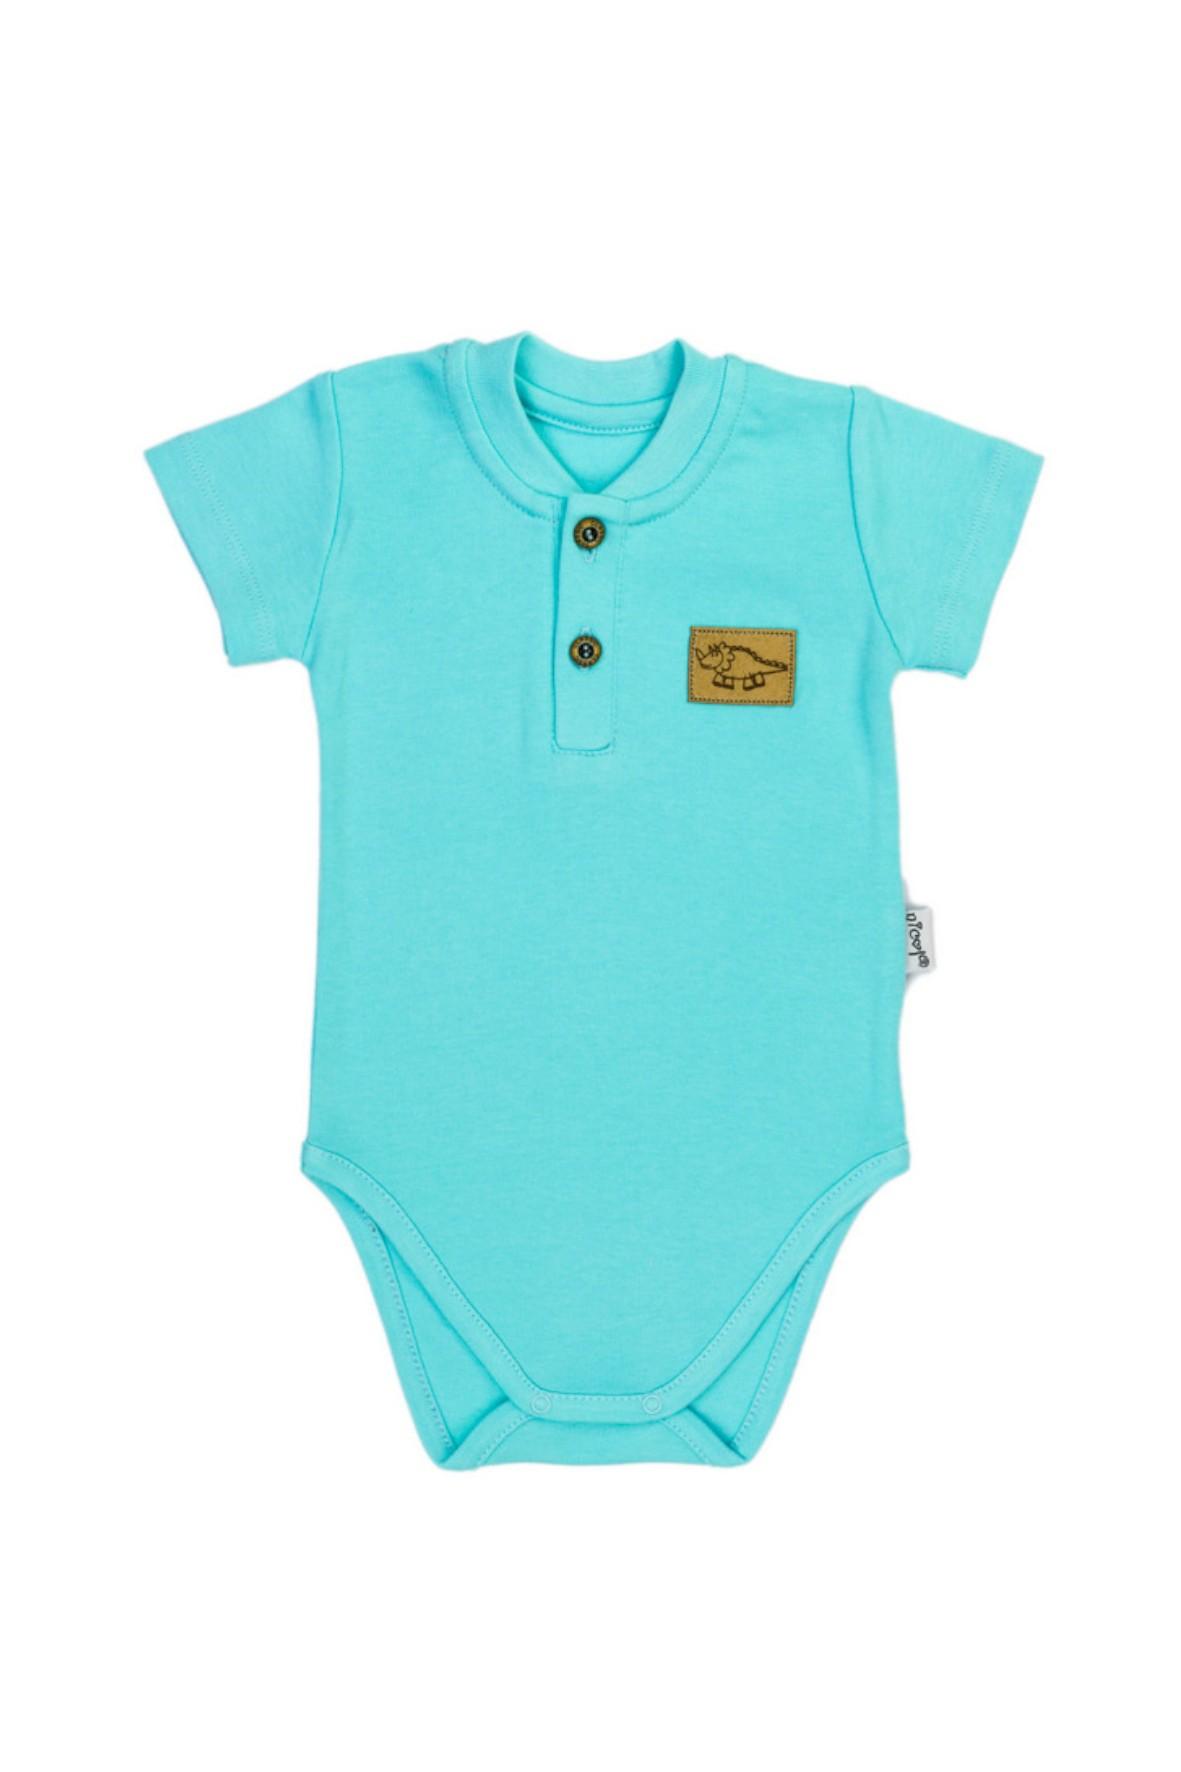 Turkusowe body niemowlęce na krótki rękaw z guzikami przy dekolcie